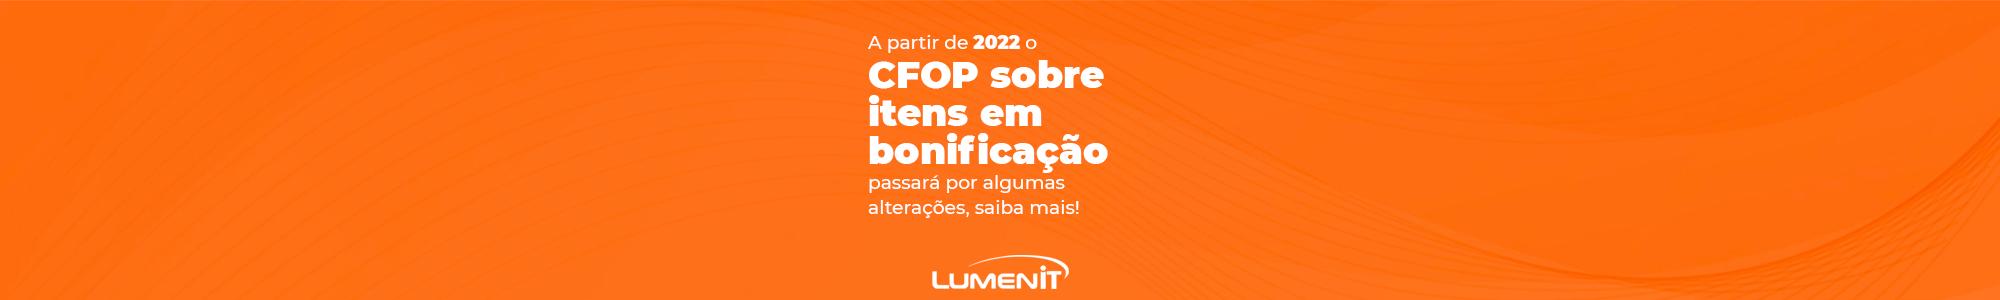 Confira as mudanças que ocorrerá no CFOP a partir de 2022